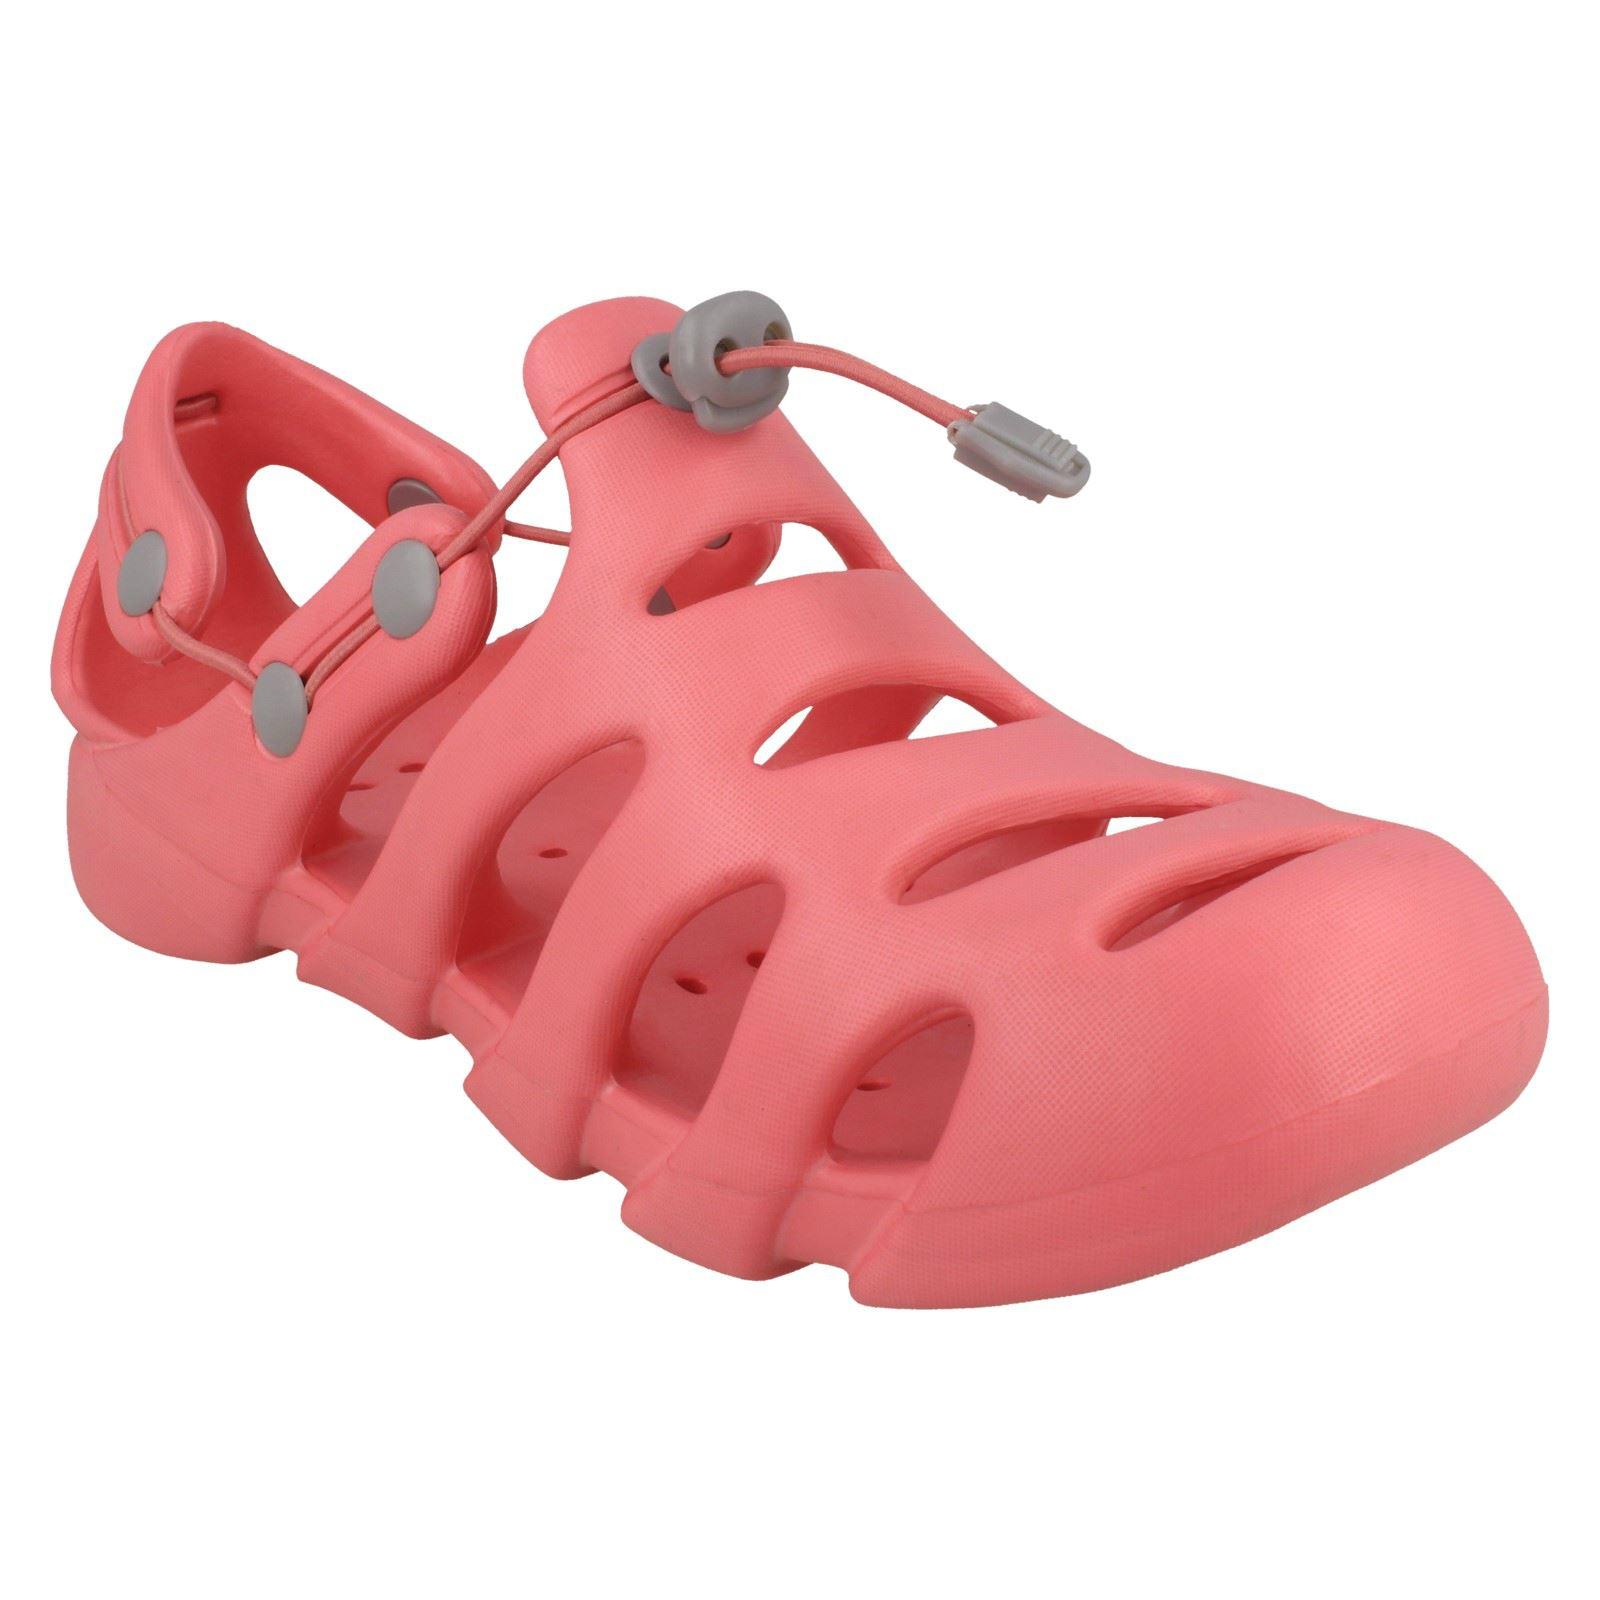 Kids' Clothing, Shoes & Accs Hi-tec Childrens Boys Girls Beach Shoes Hydro Jr